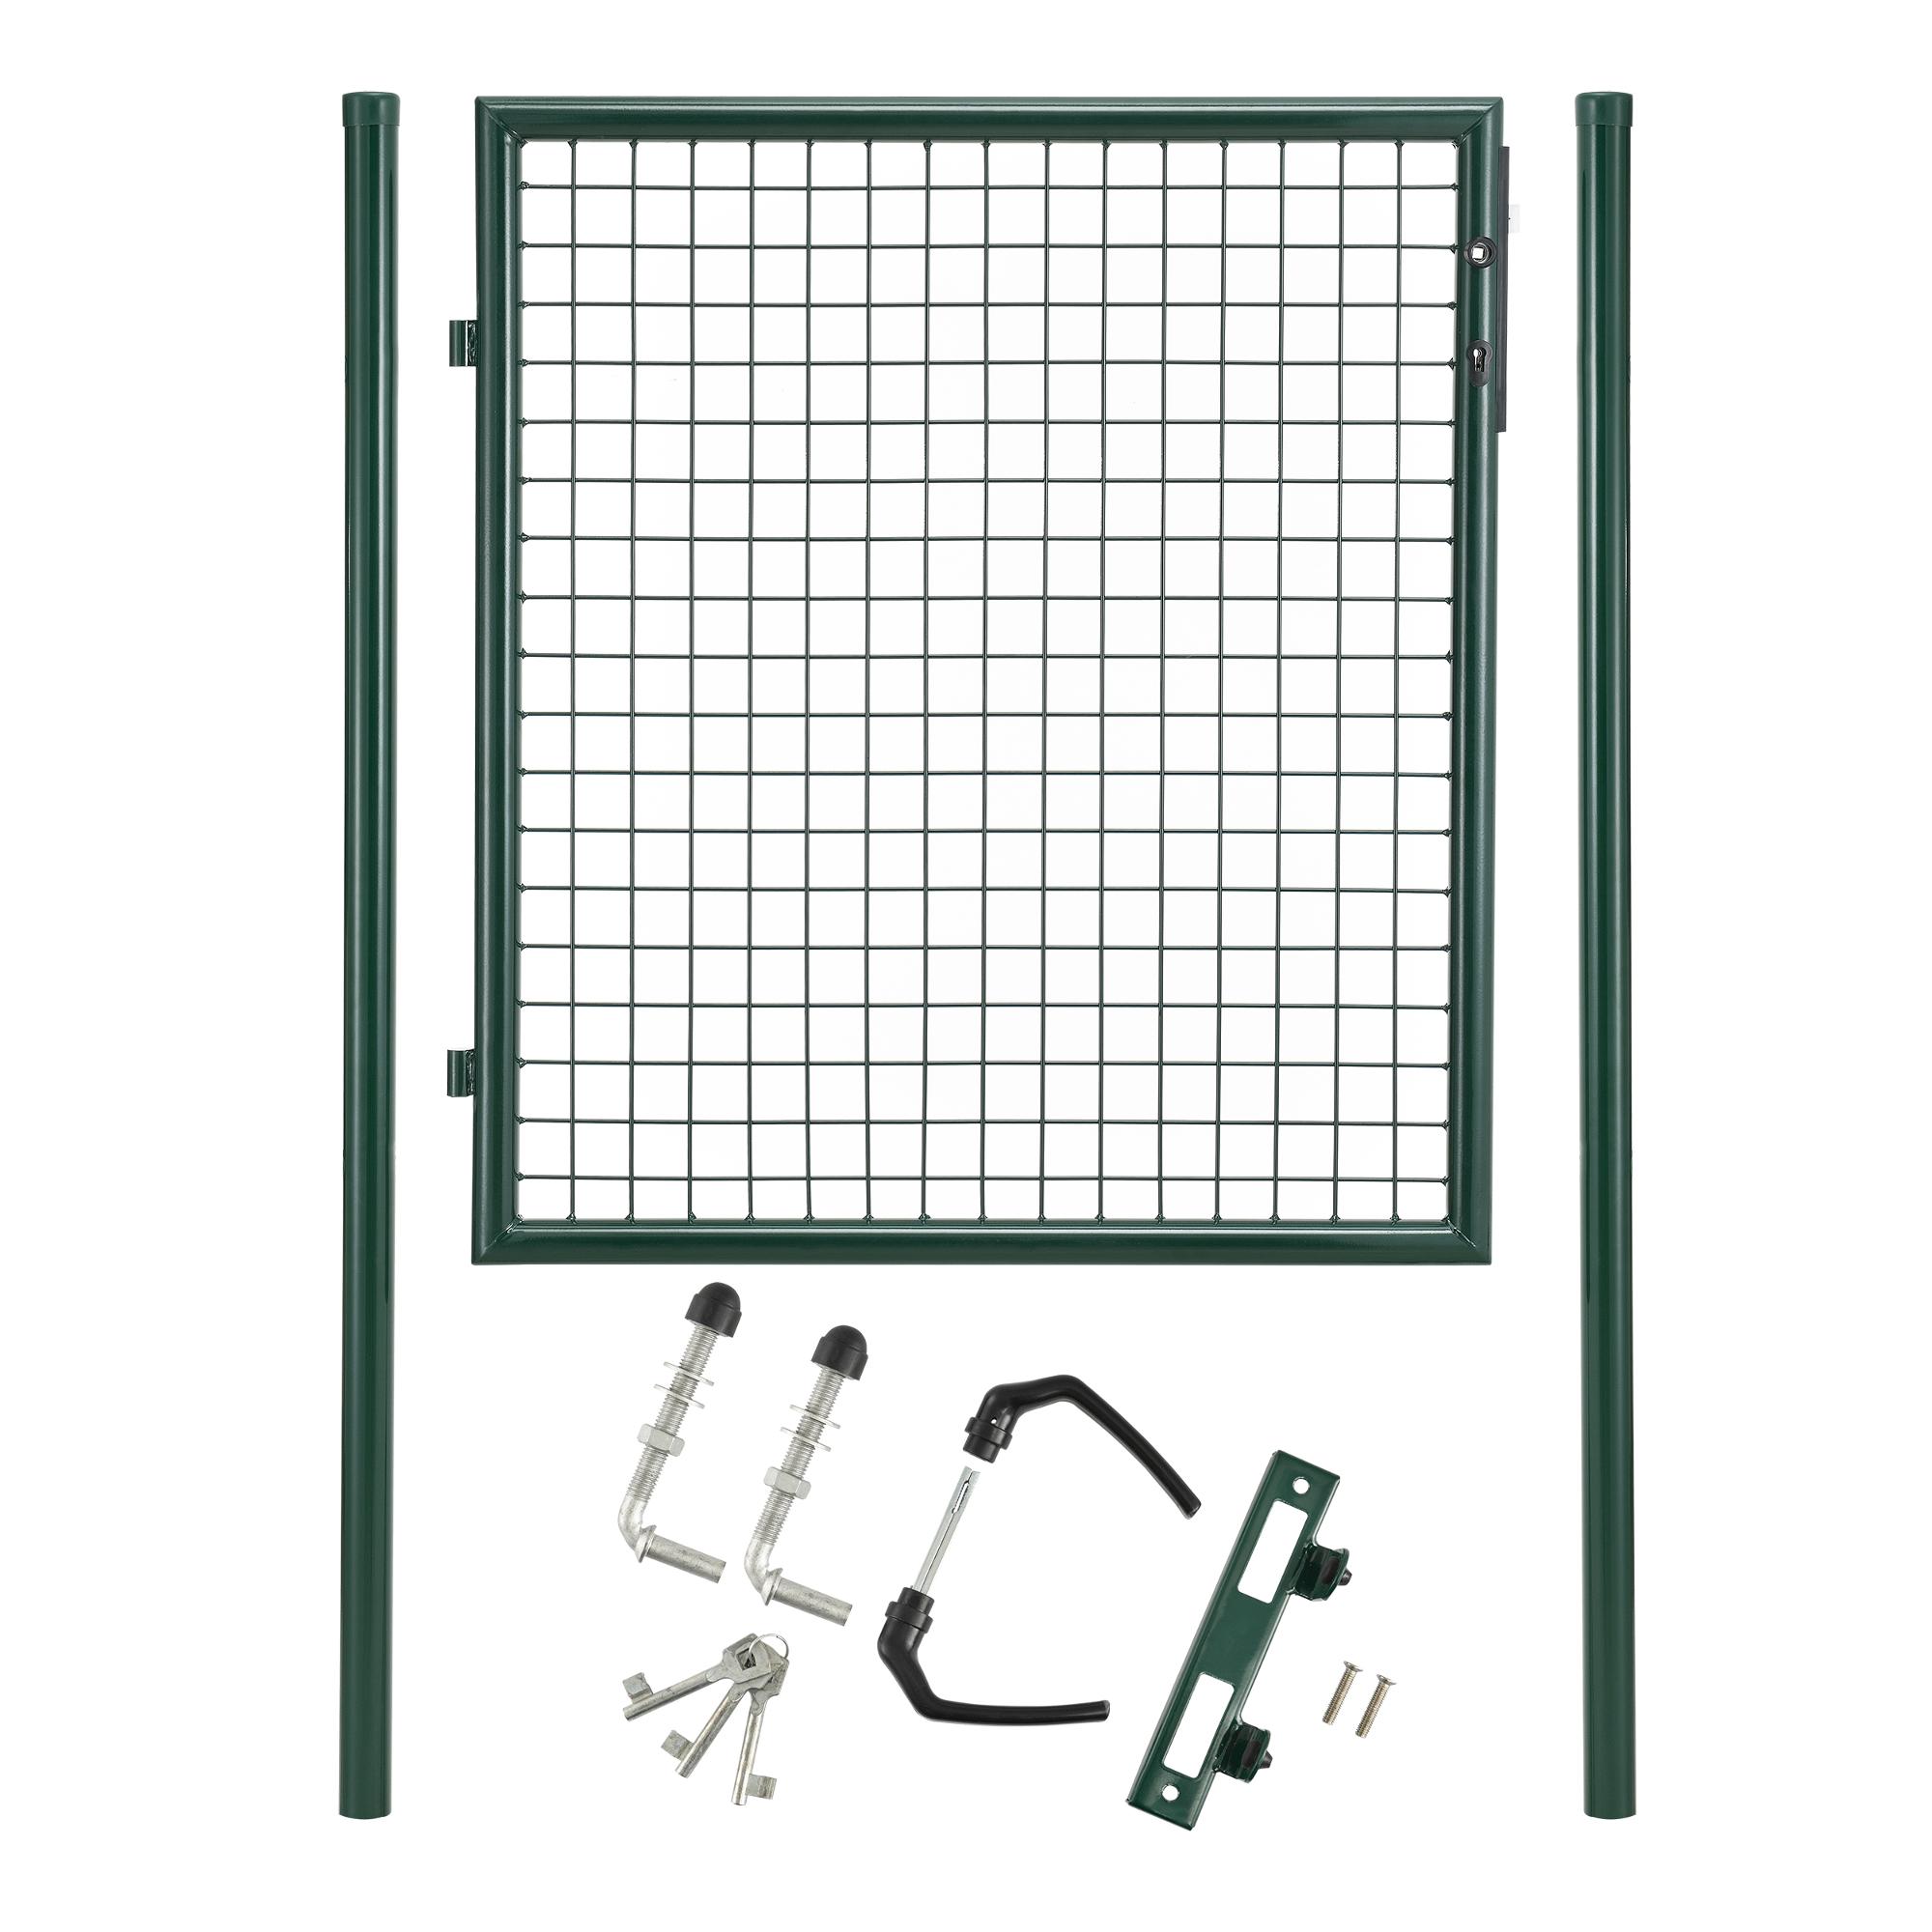 gartent r 150x106 gr n gartentor zaunt r. Black Bedroom Furniture Sets. Home Design Ideas